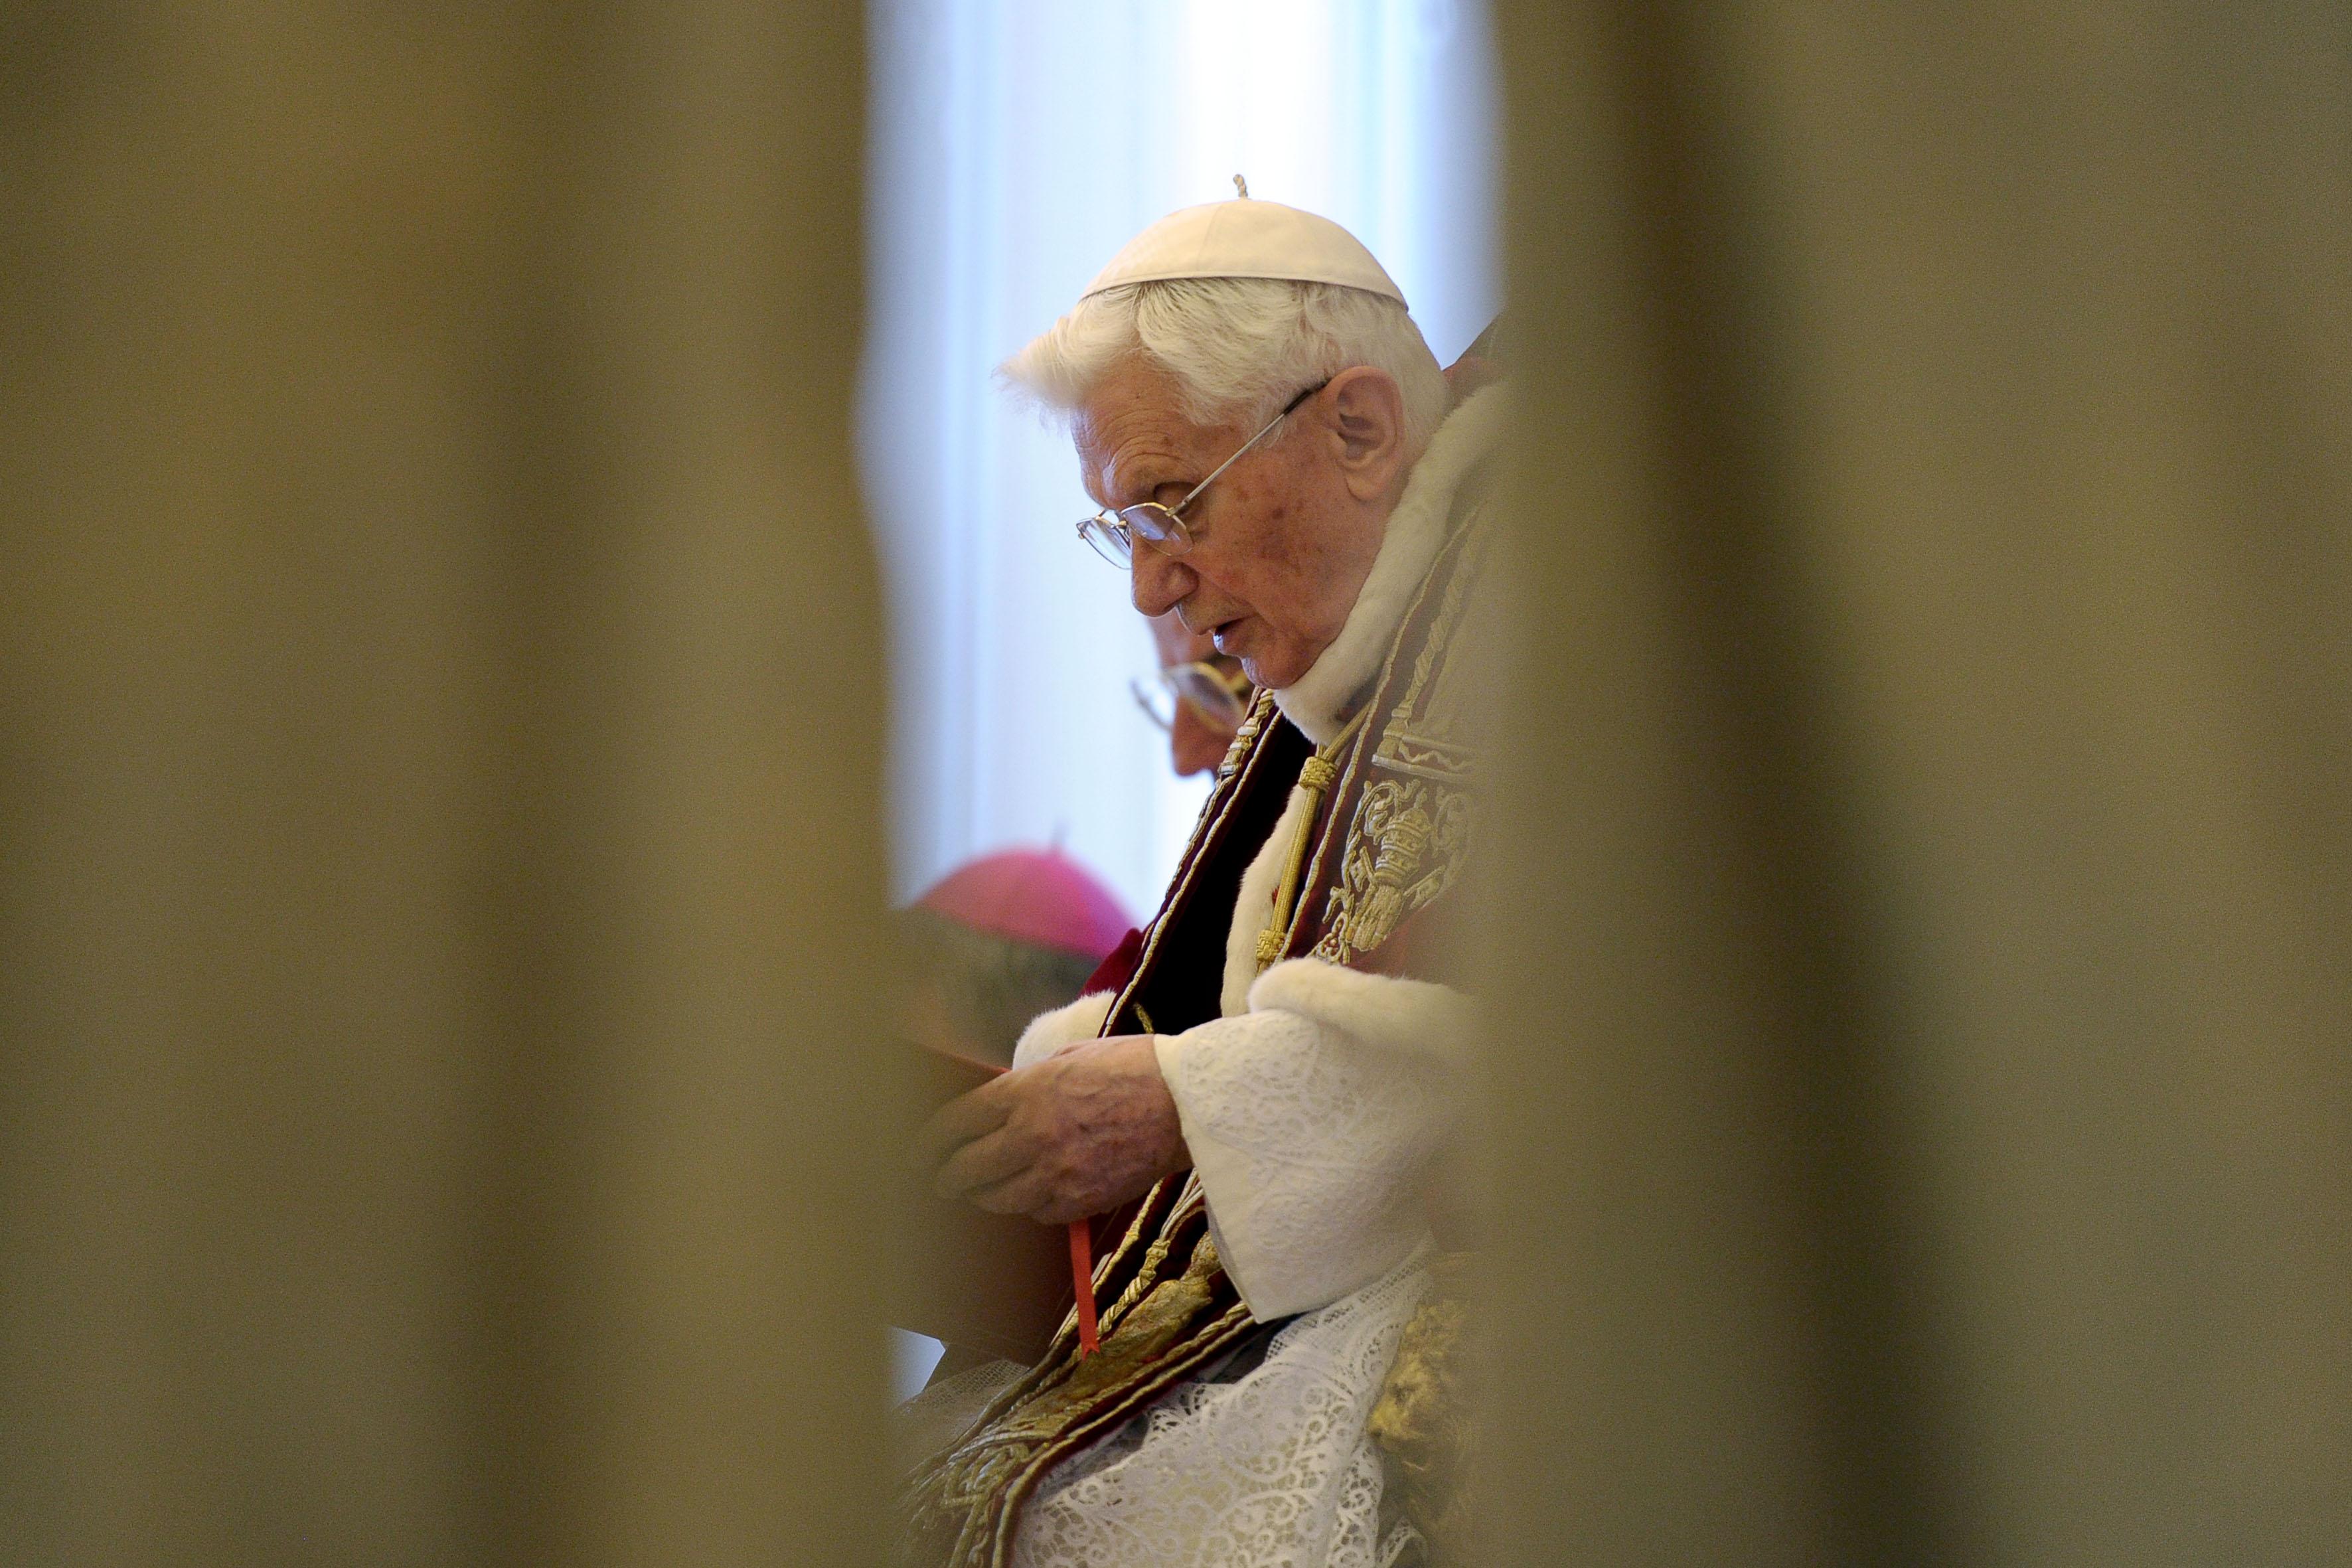 O Papa Bento XVI lê nesta segunda-feira (11) o anúncio de sua renúncia, durante reunião de cardeais no Vaticano. A imagem foi divulgada pelo jornal ' L'Osservatore Romano', do Vaticano